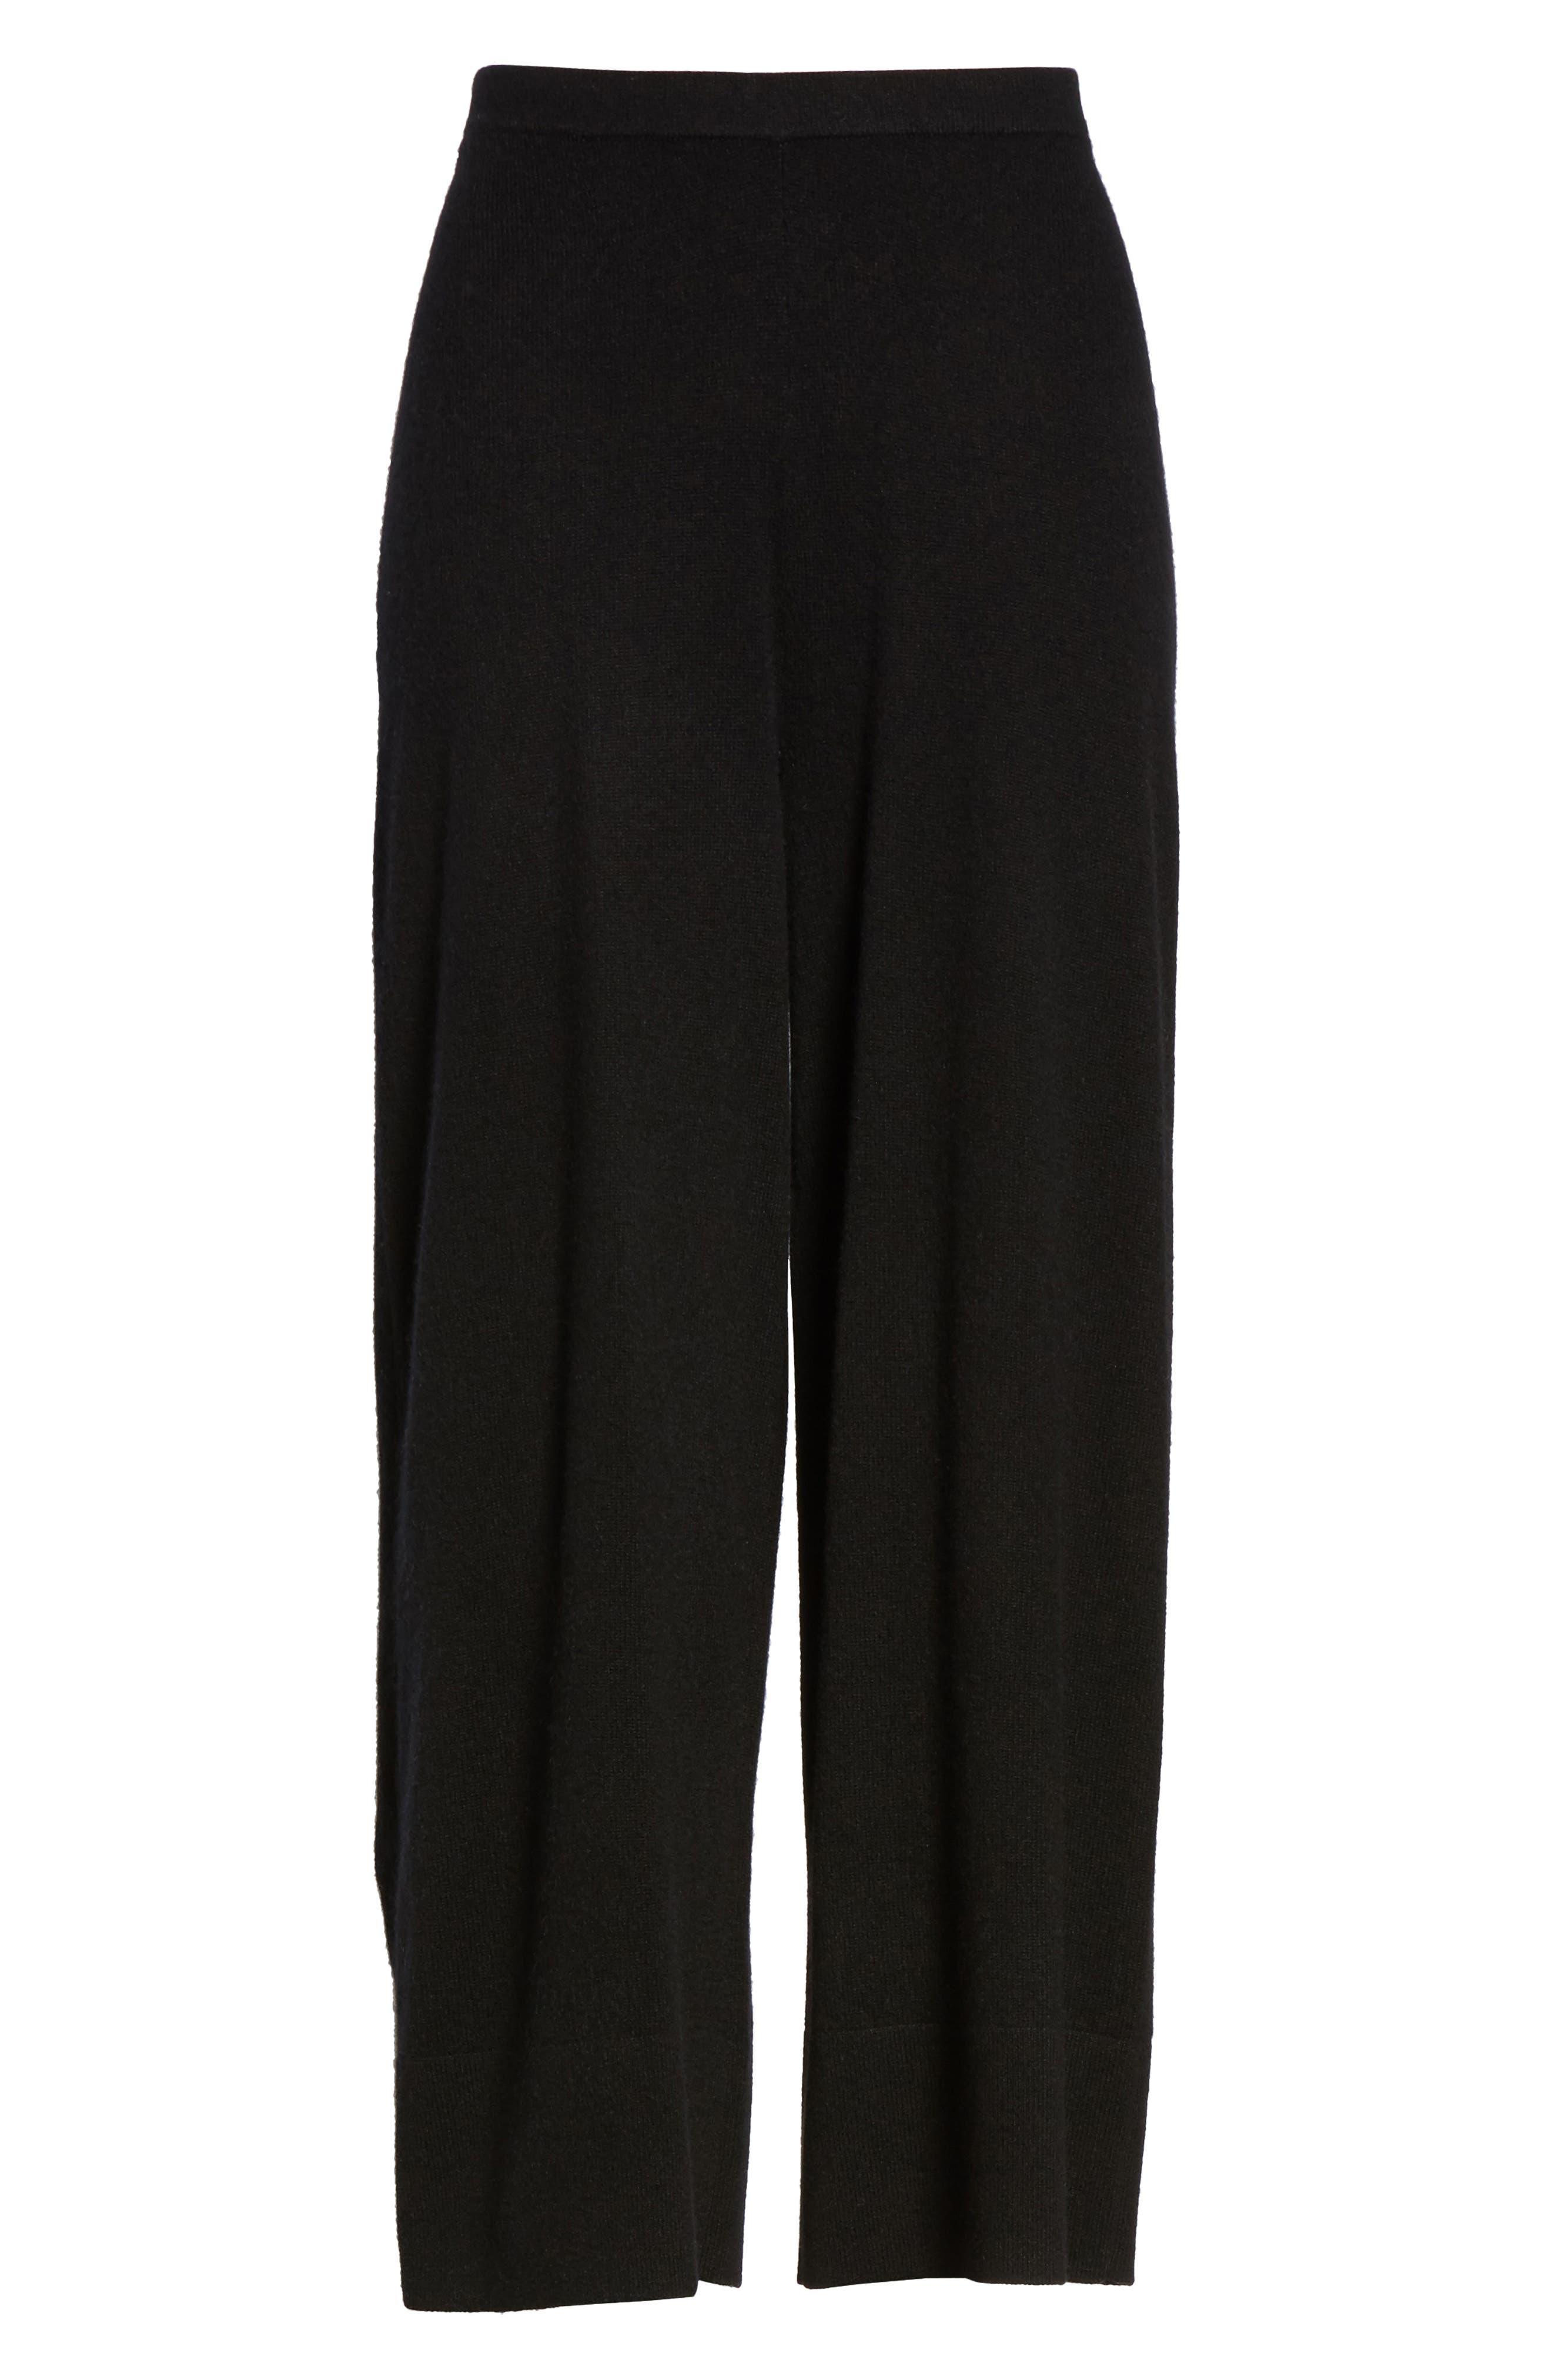 Knit Cashmere Ankle Pants,                             Alternate thumbnail 6, color,                             001